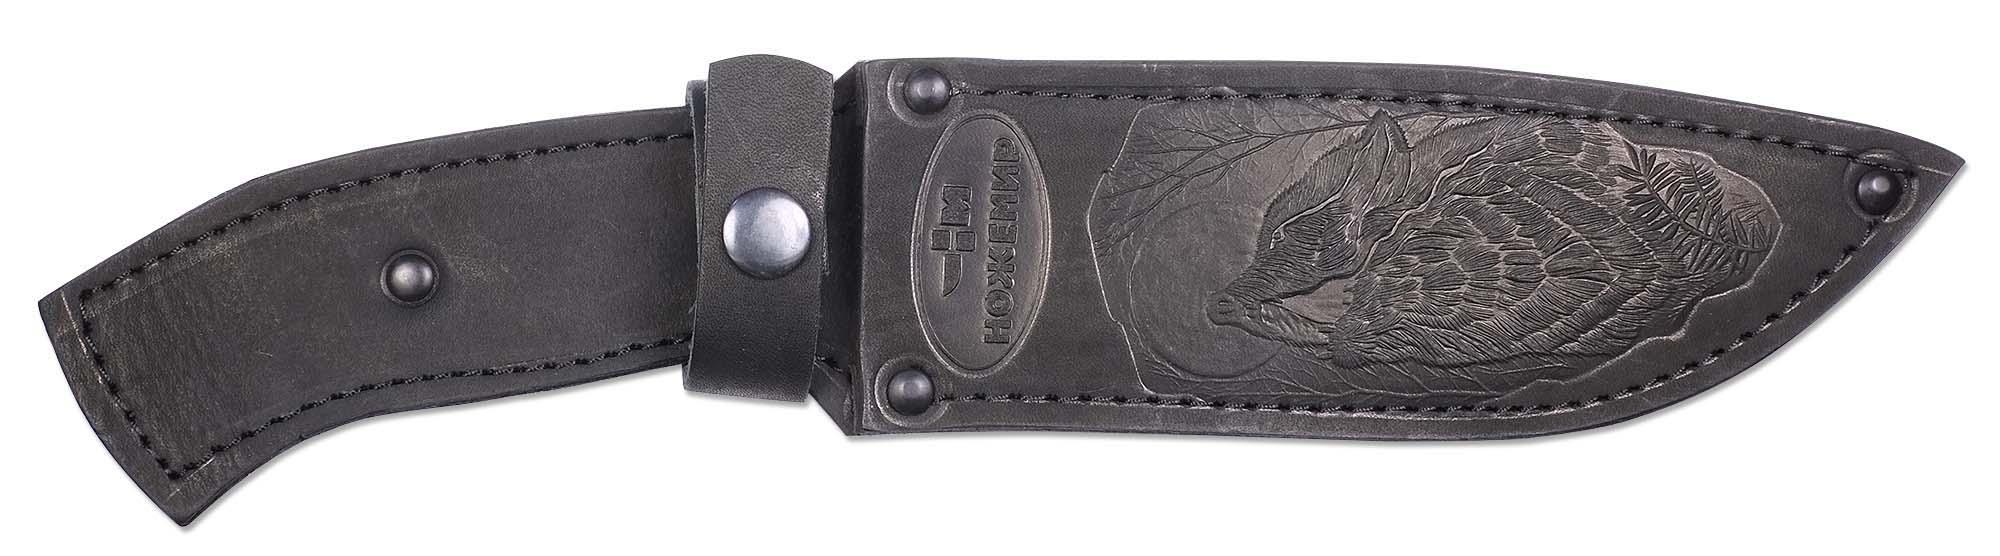 Чехол для нескладного ножа Ножемир, цвет: черный. Чехол №12